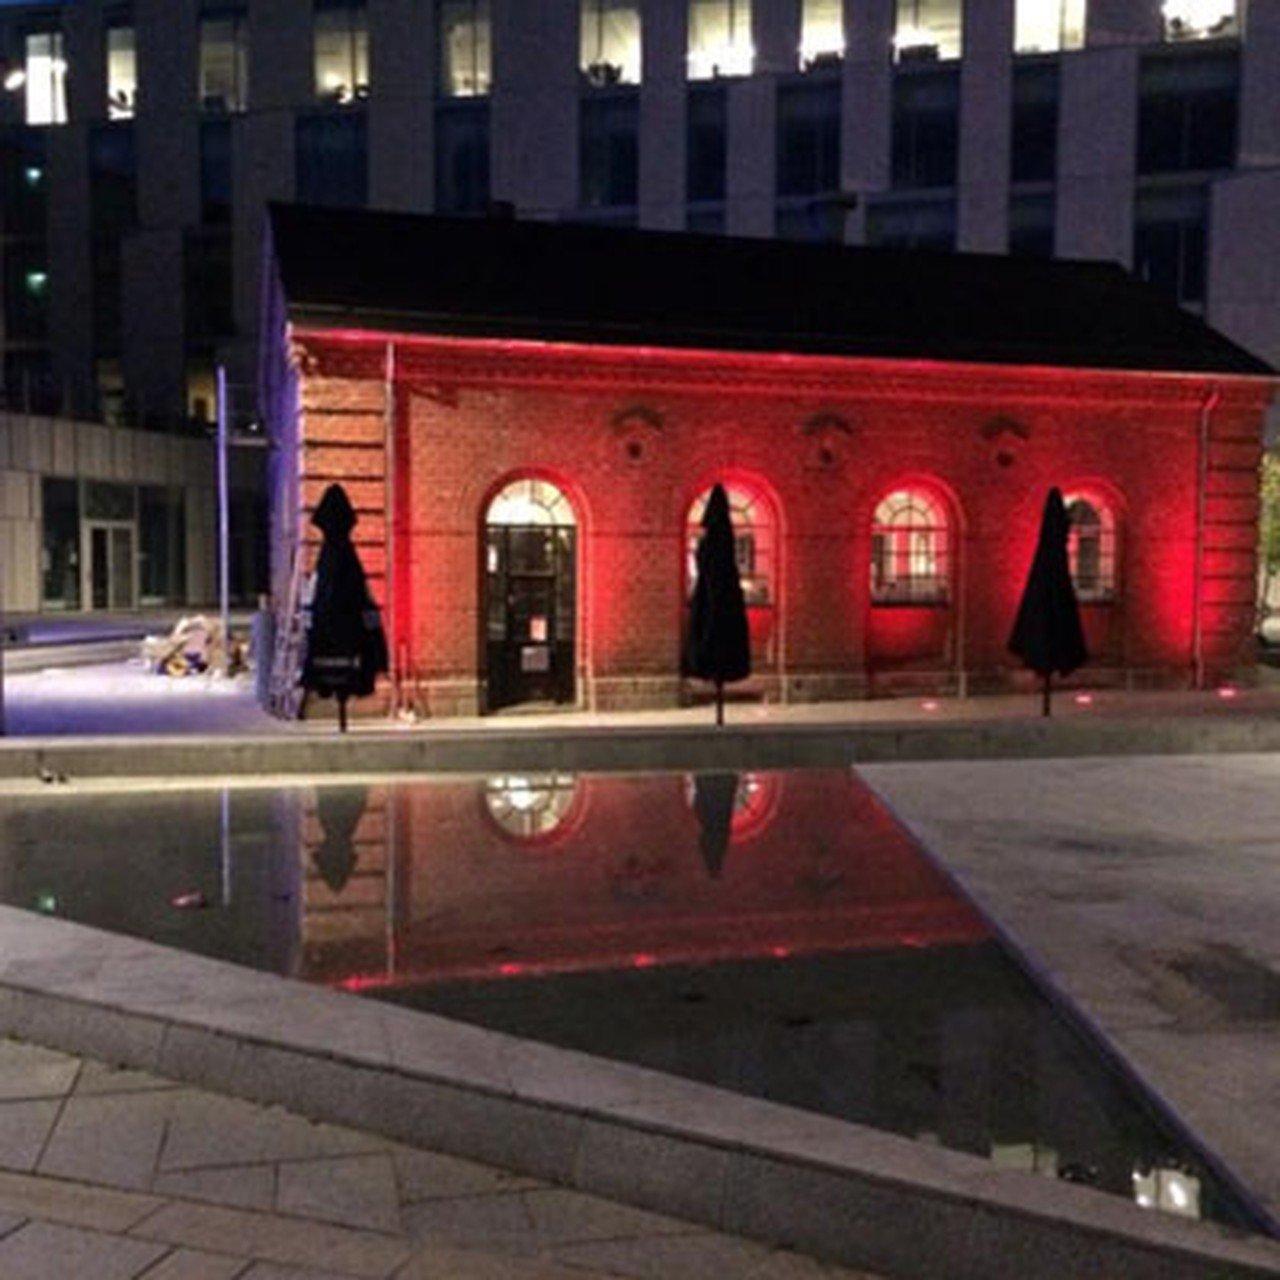 Kopenhagen corporate event venues Restaurant Cafe Revy image 0